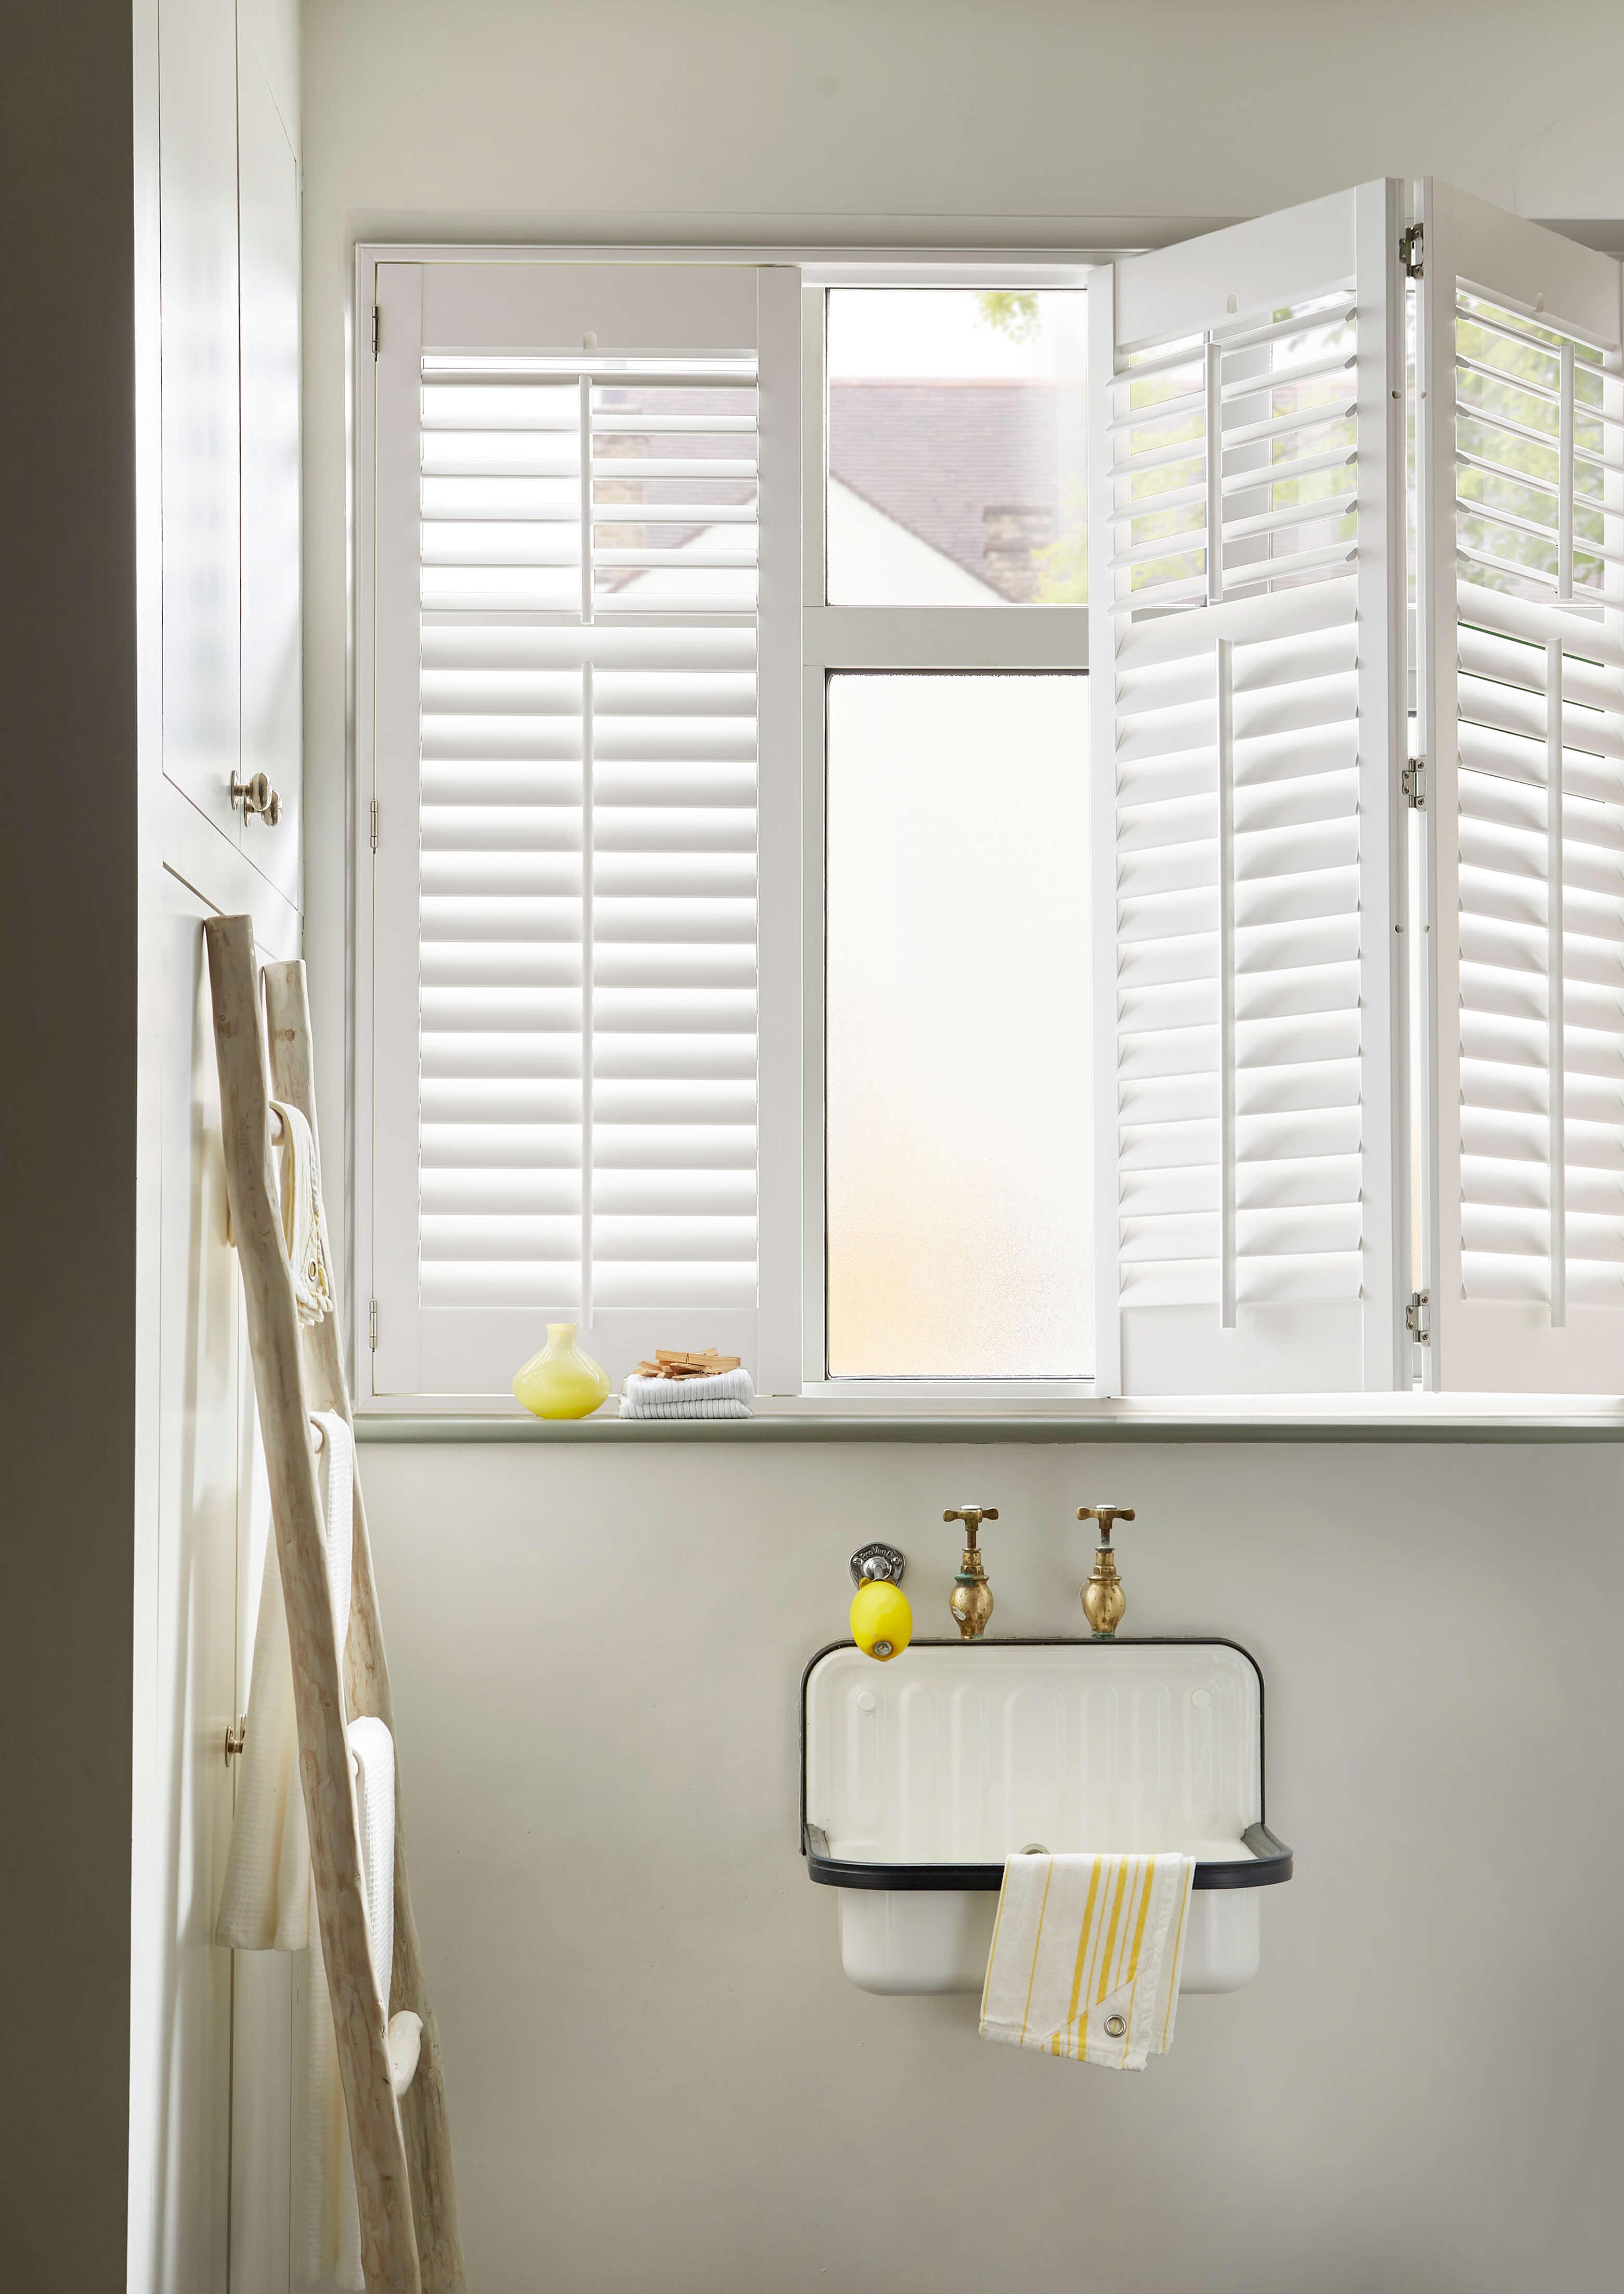 ABS shutter in bathroom setting with bi-fold door